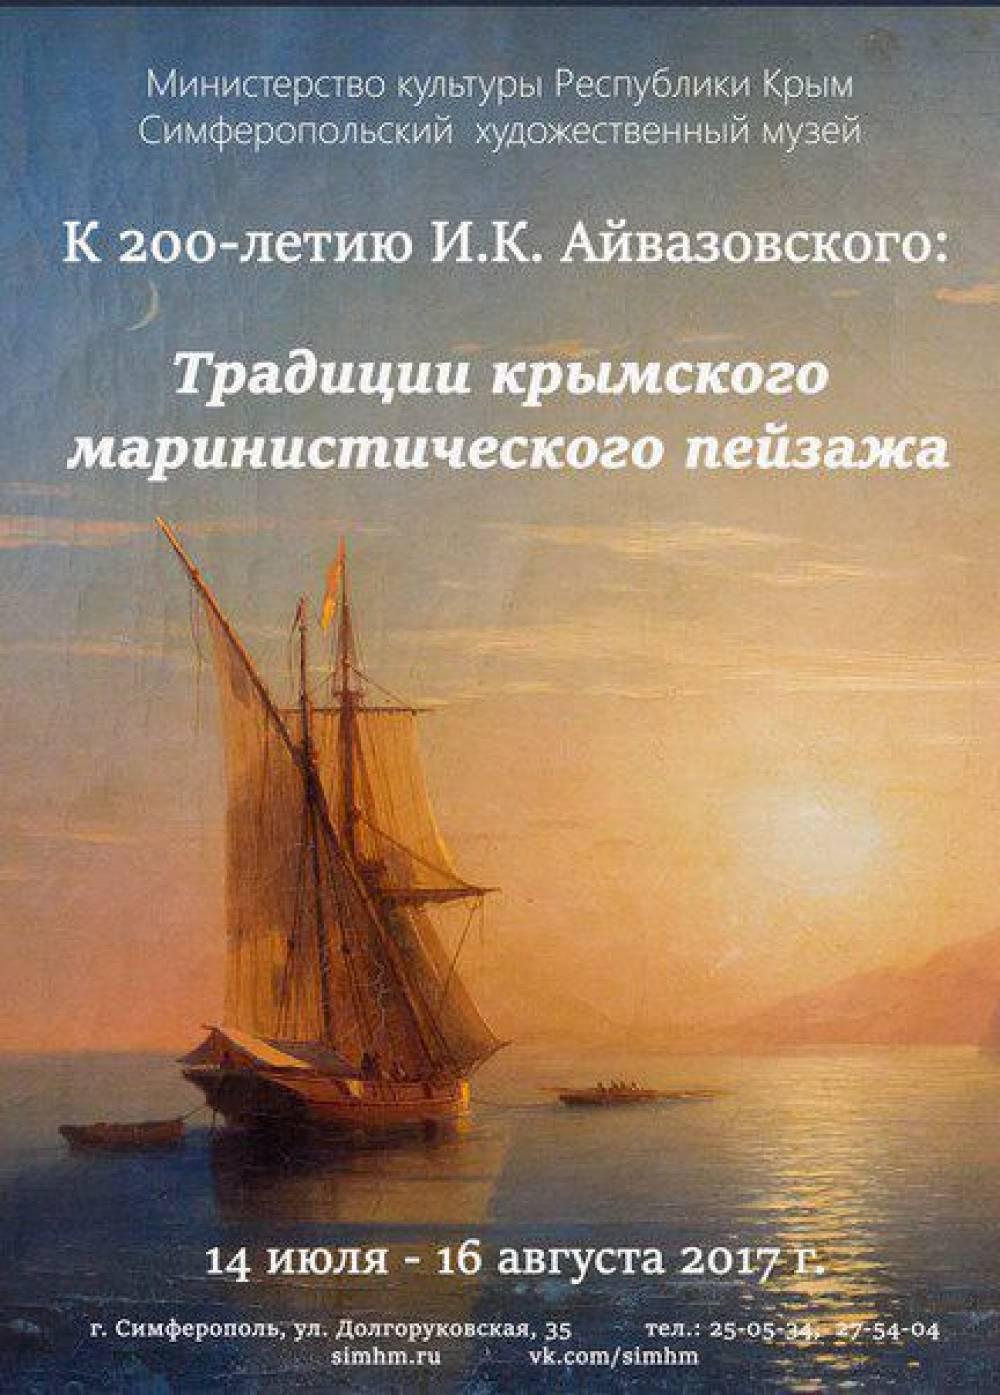 Три работы Айвазовского выставят в Симферополе к 200-летию художника